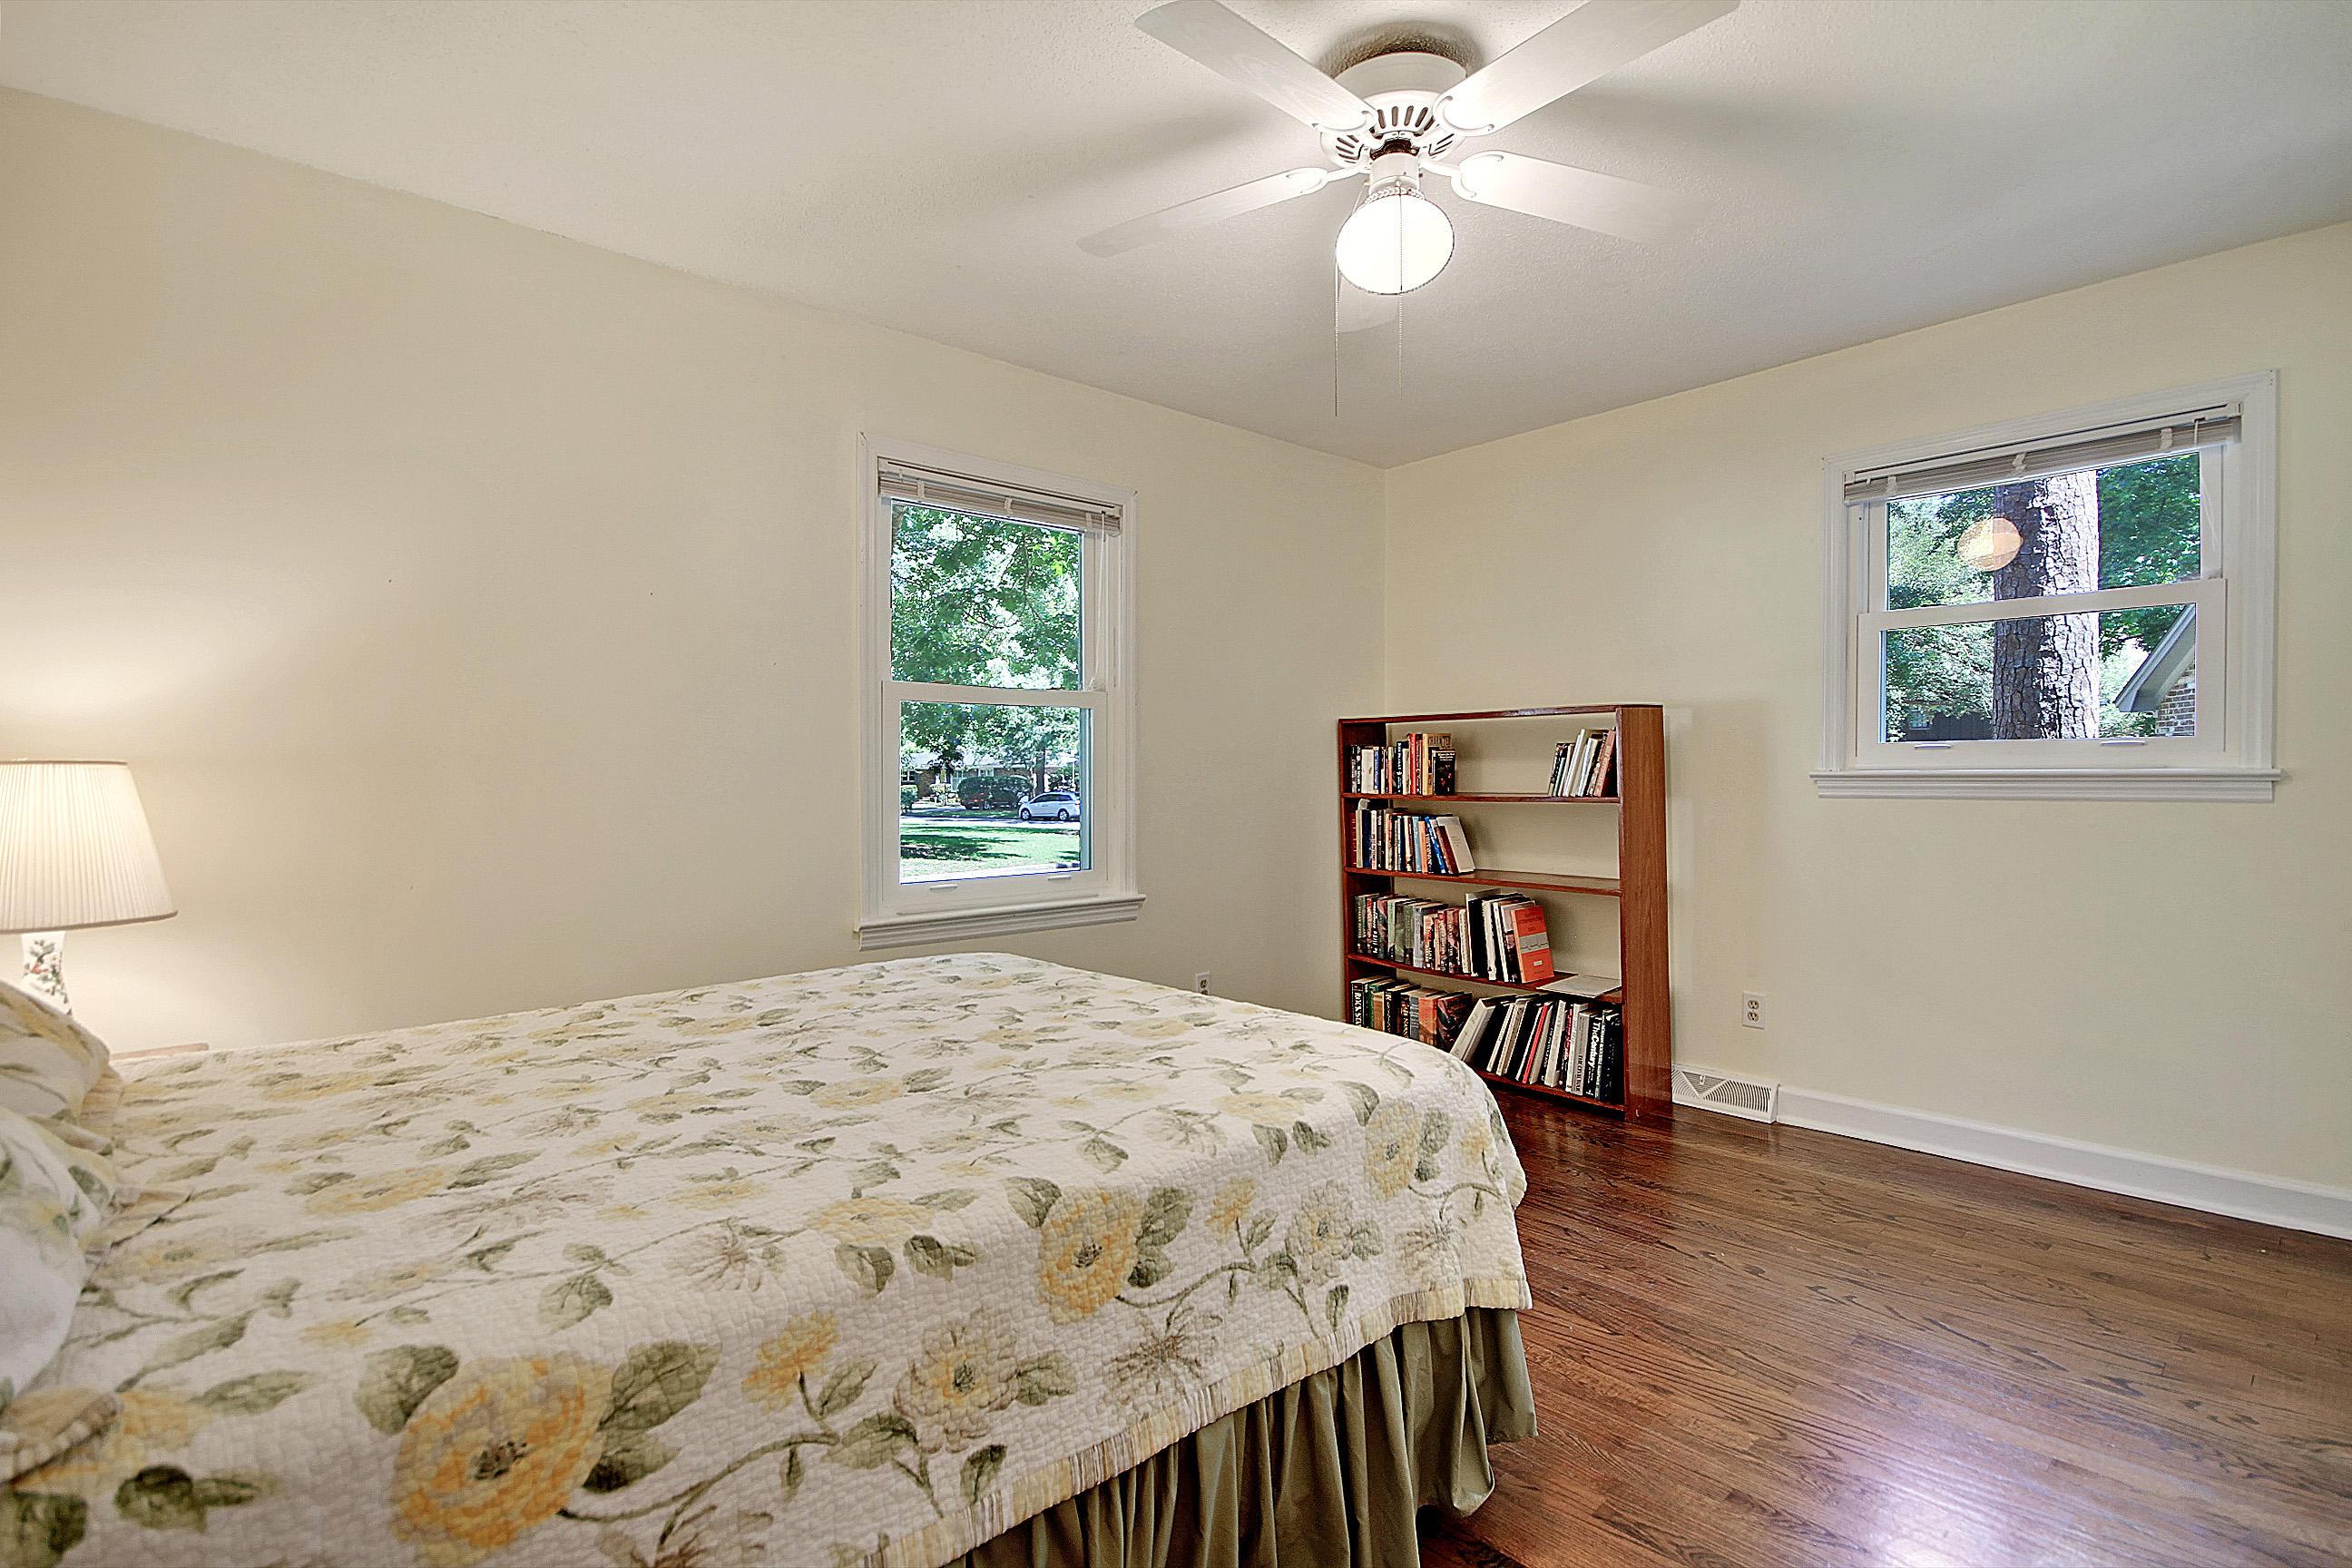 Parish Place Homes For Sale - 819 Abcaw, Mount Pleasant, SC - 10